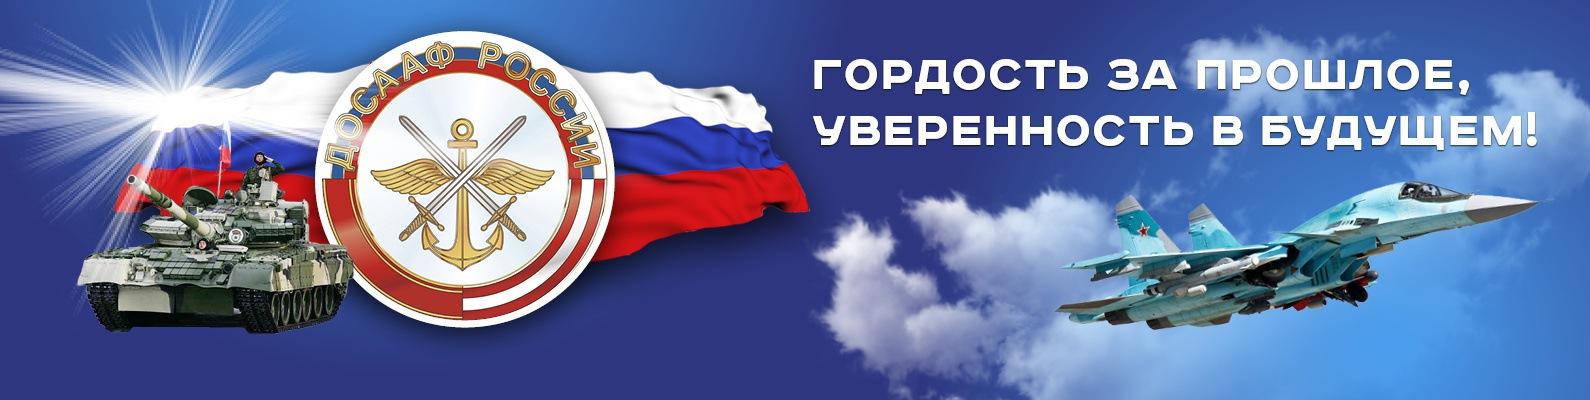 Февраля бане, открытки досааф россии